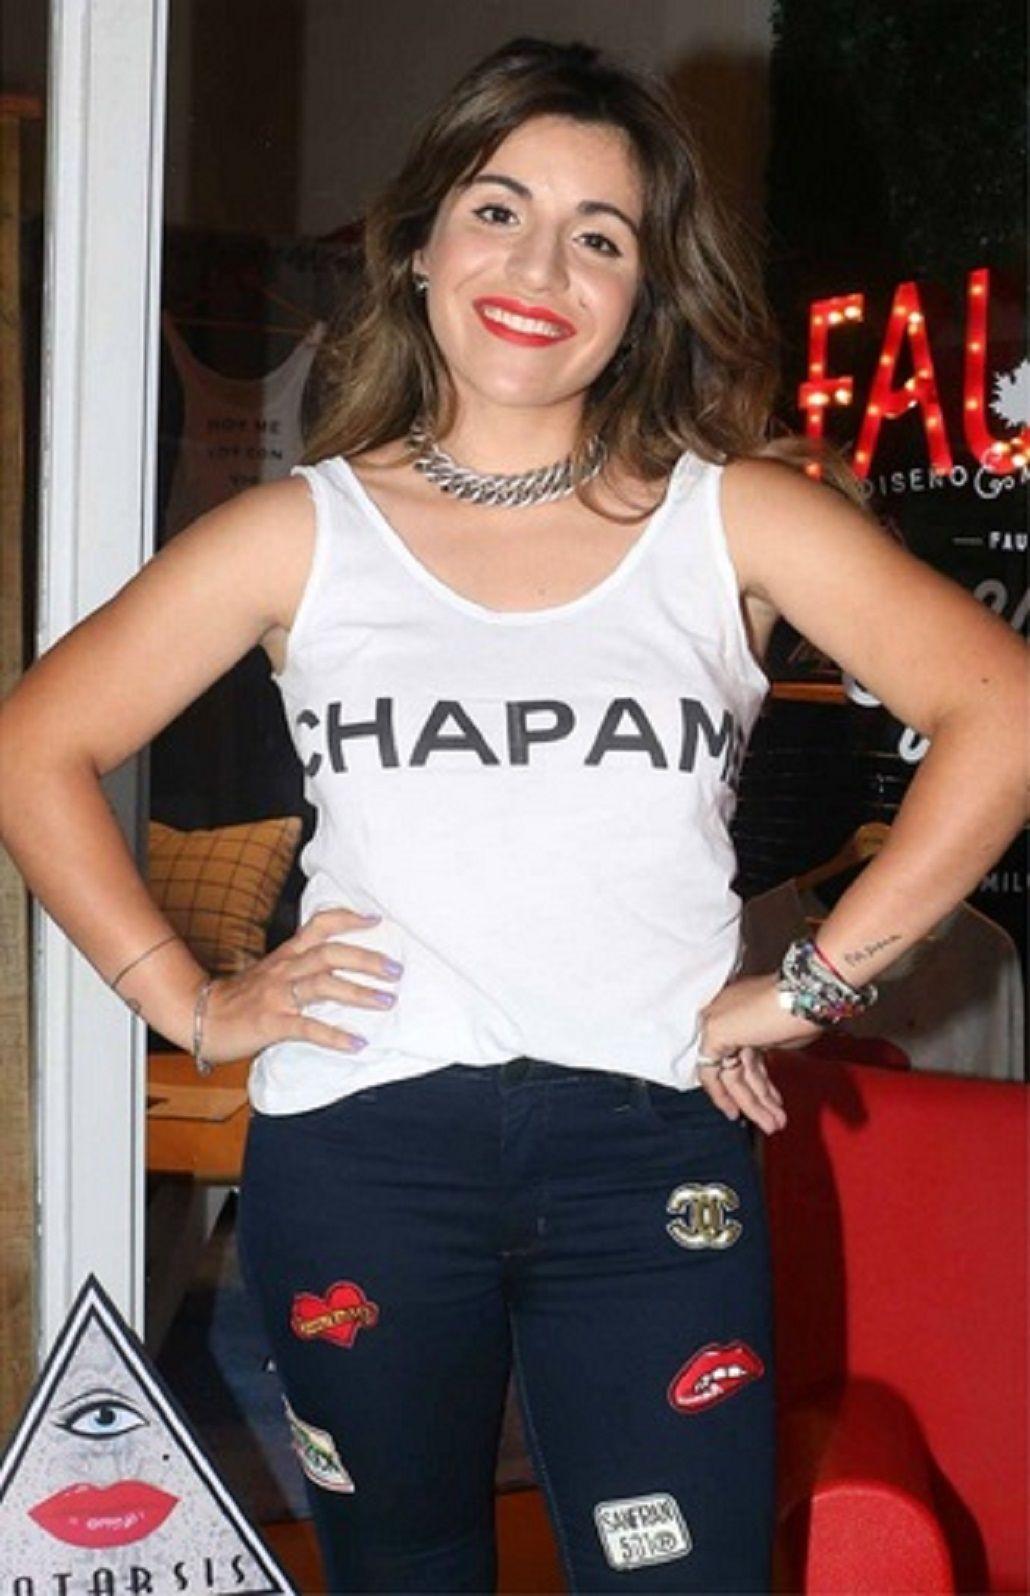 Divertido descargo de Gianinna Maradona tras ver su foto en una revista: Cero femenina